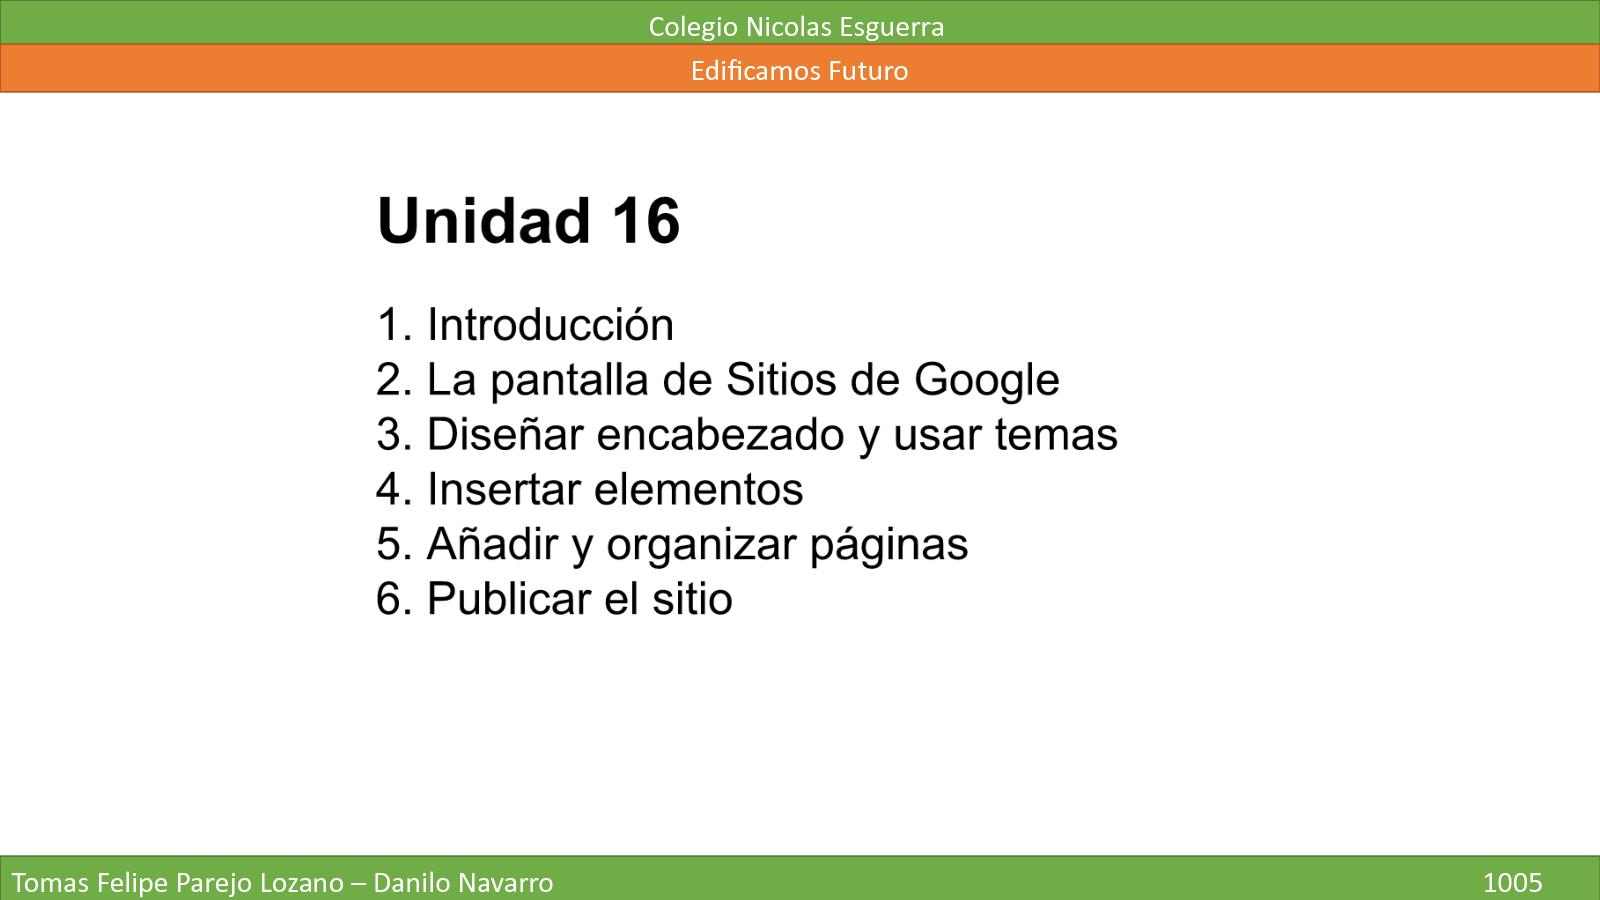 Unidad 16